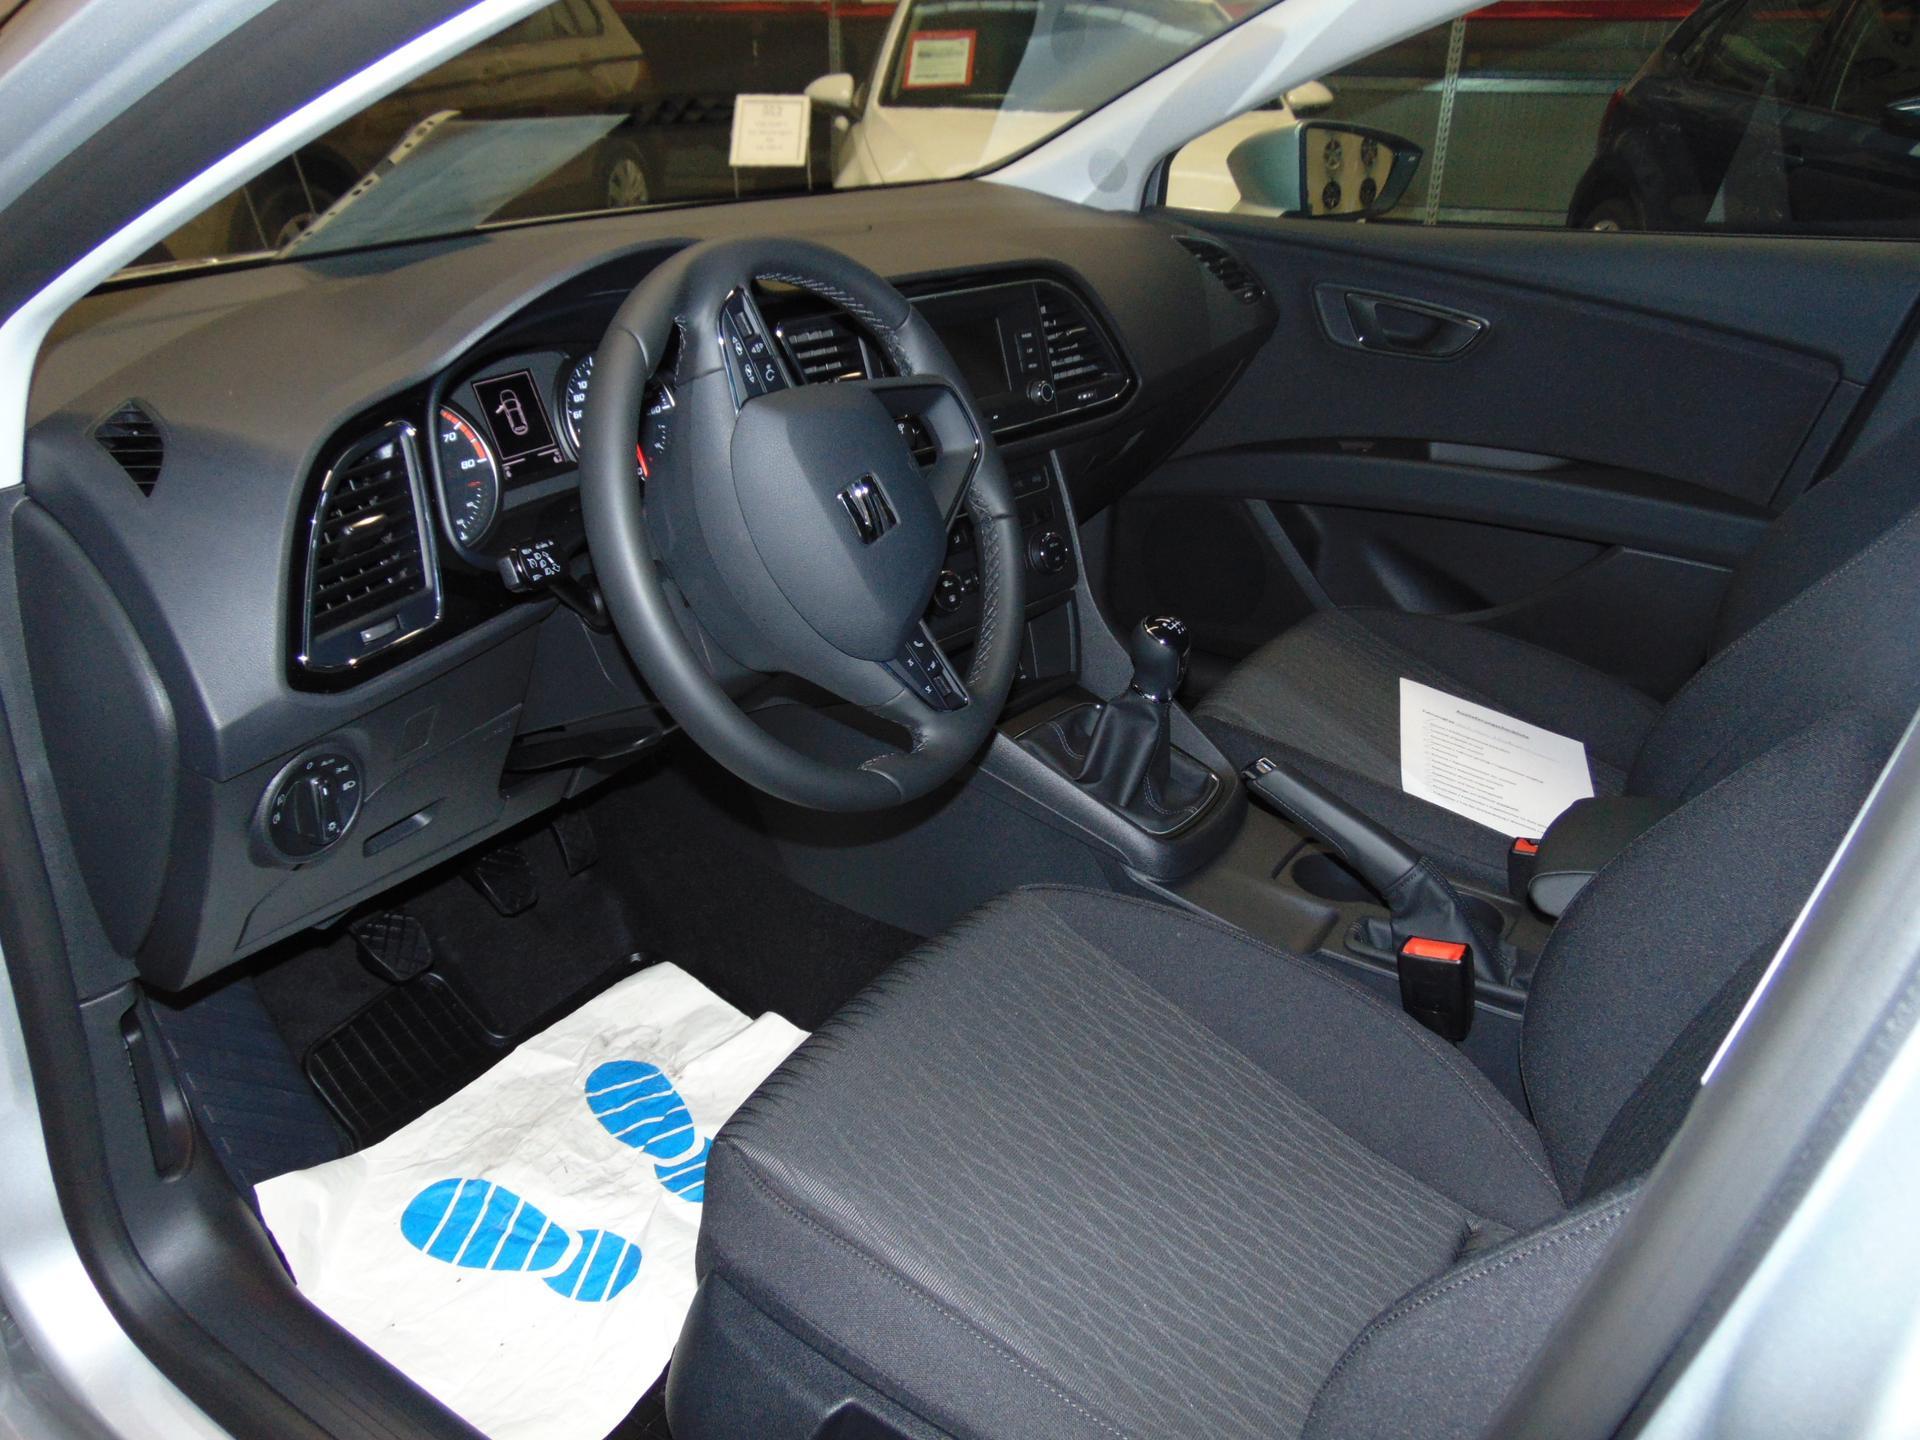 seat leon style 1 4 tsi 150 ps klimaautom mfl bluetooth. Black Bedroom Furniture Sets. Home Design Ideas